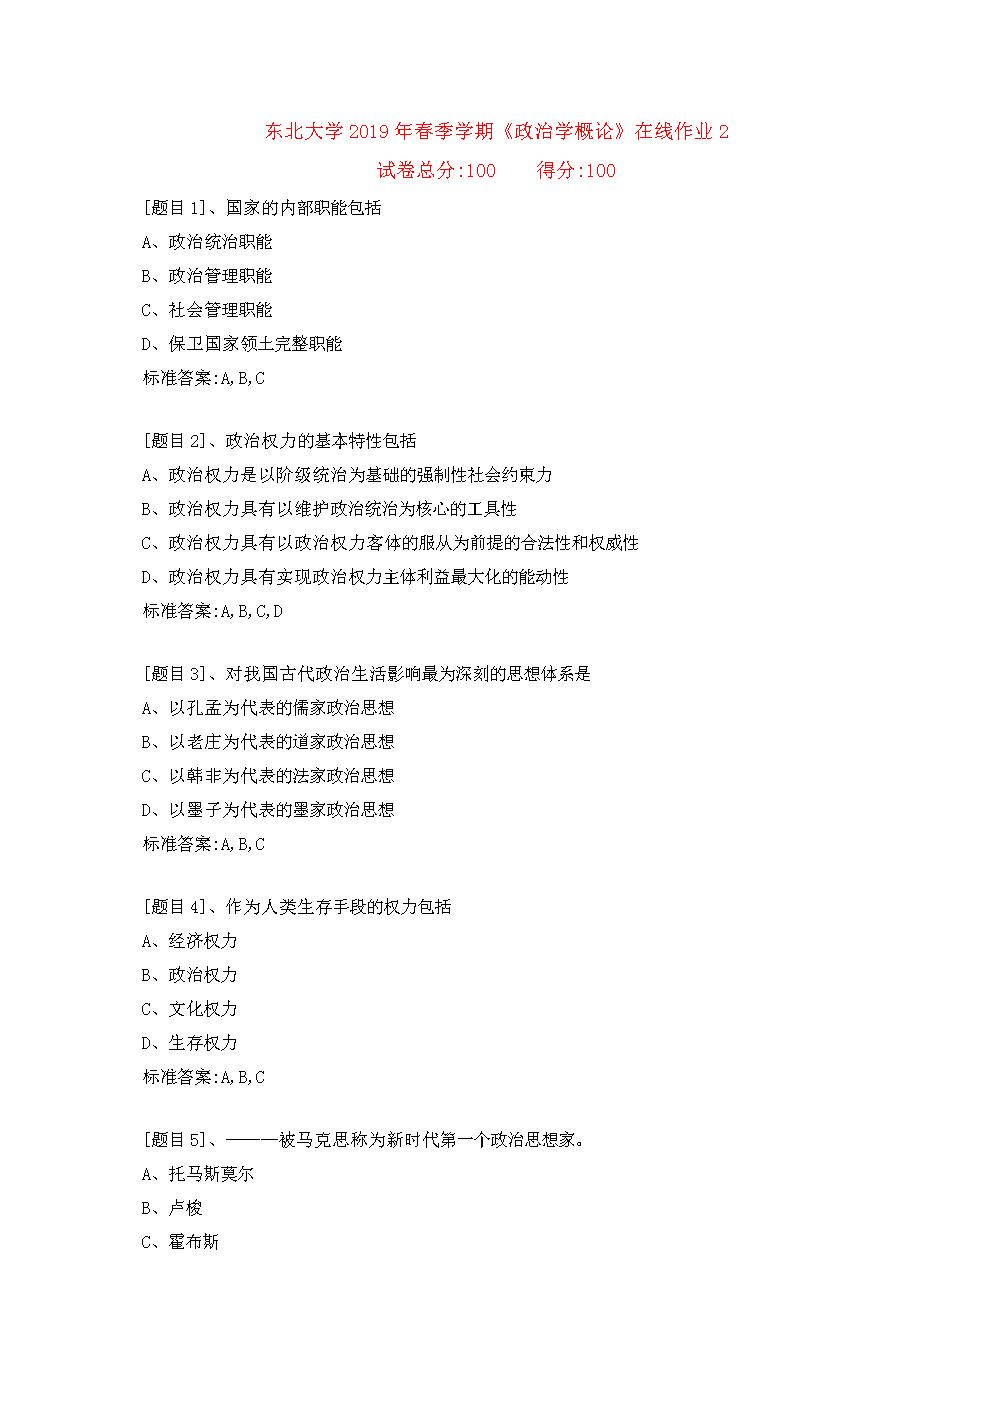 东北大学2019年春季学期《政治学概论》在线作业(答案)(1).doc